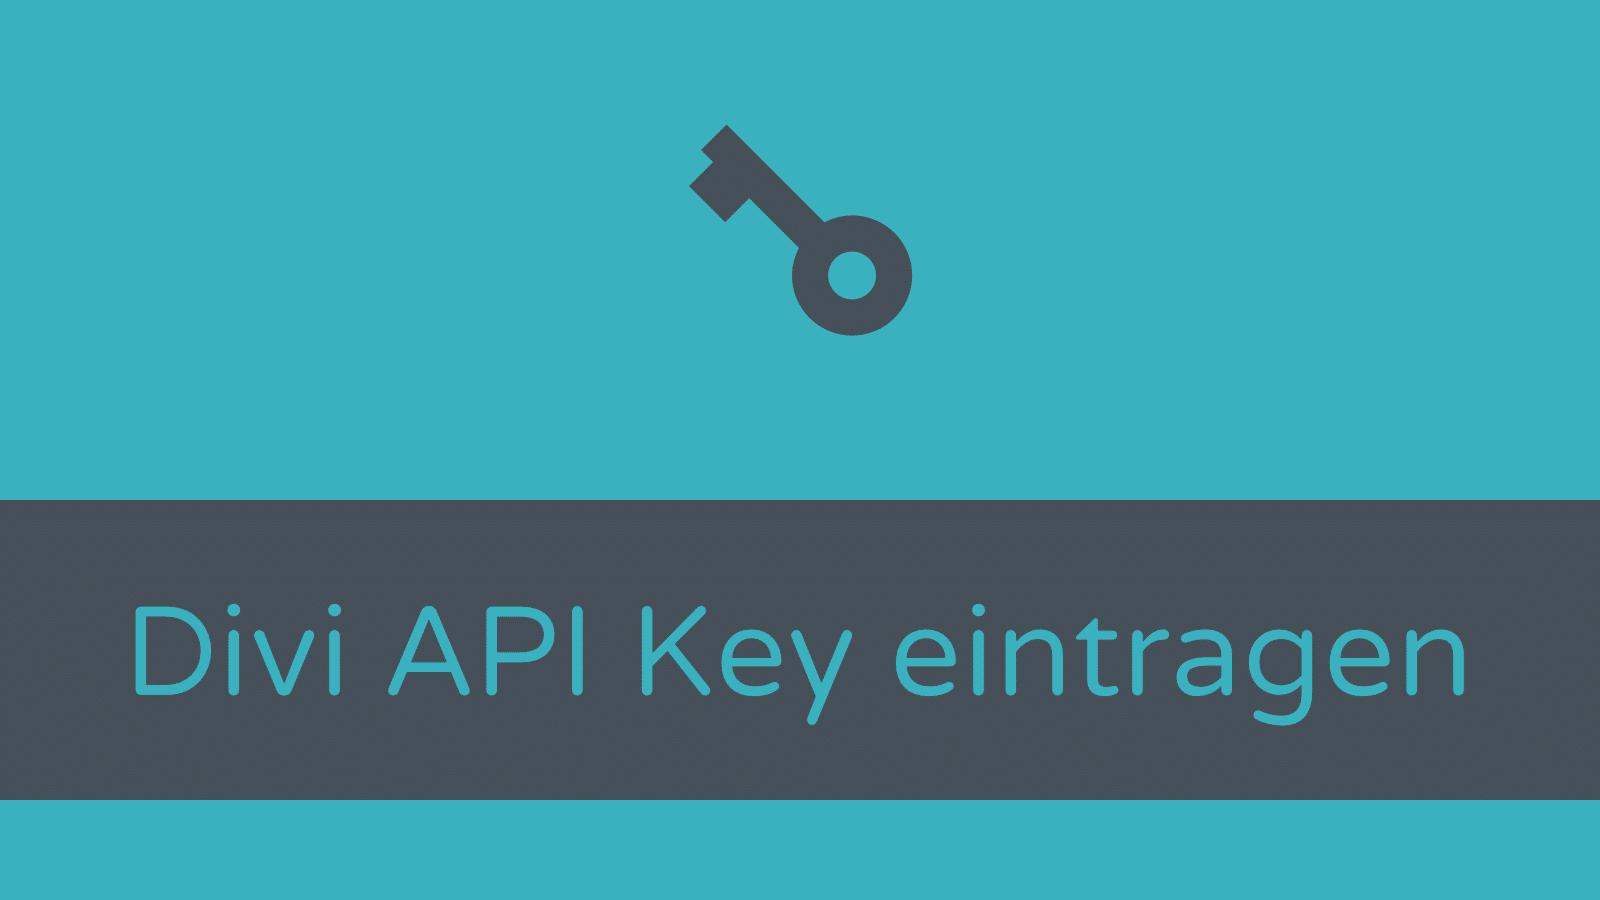 Divi Theme Update: API Key eintragen